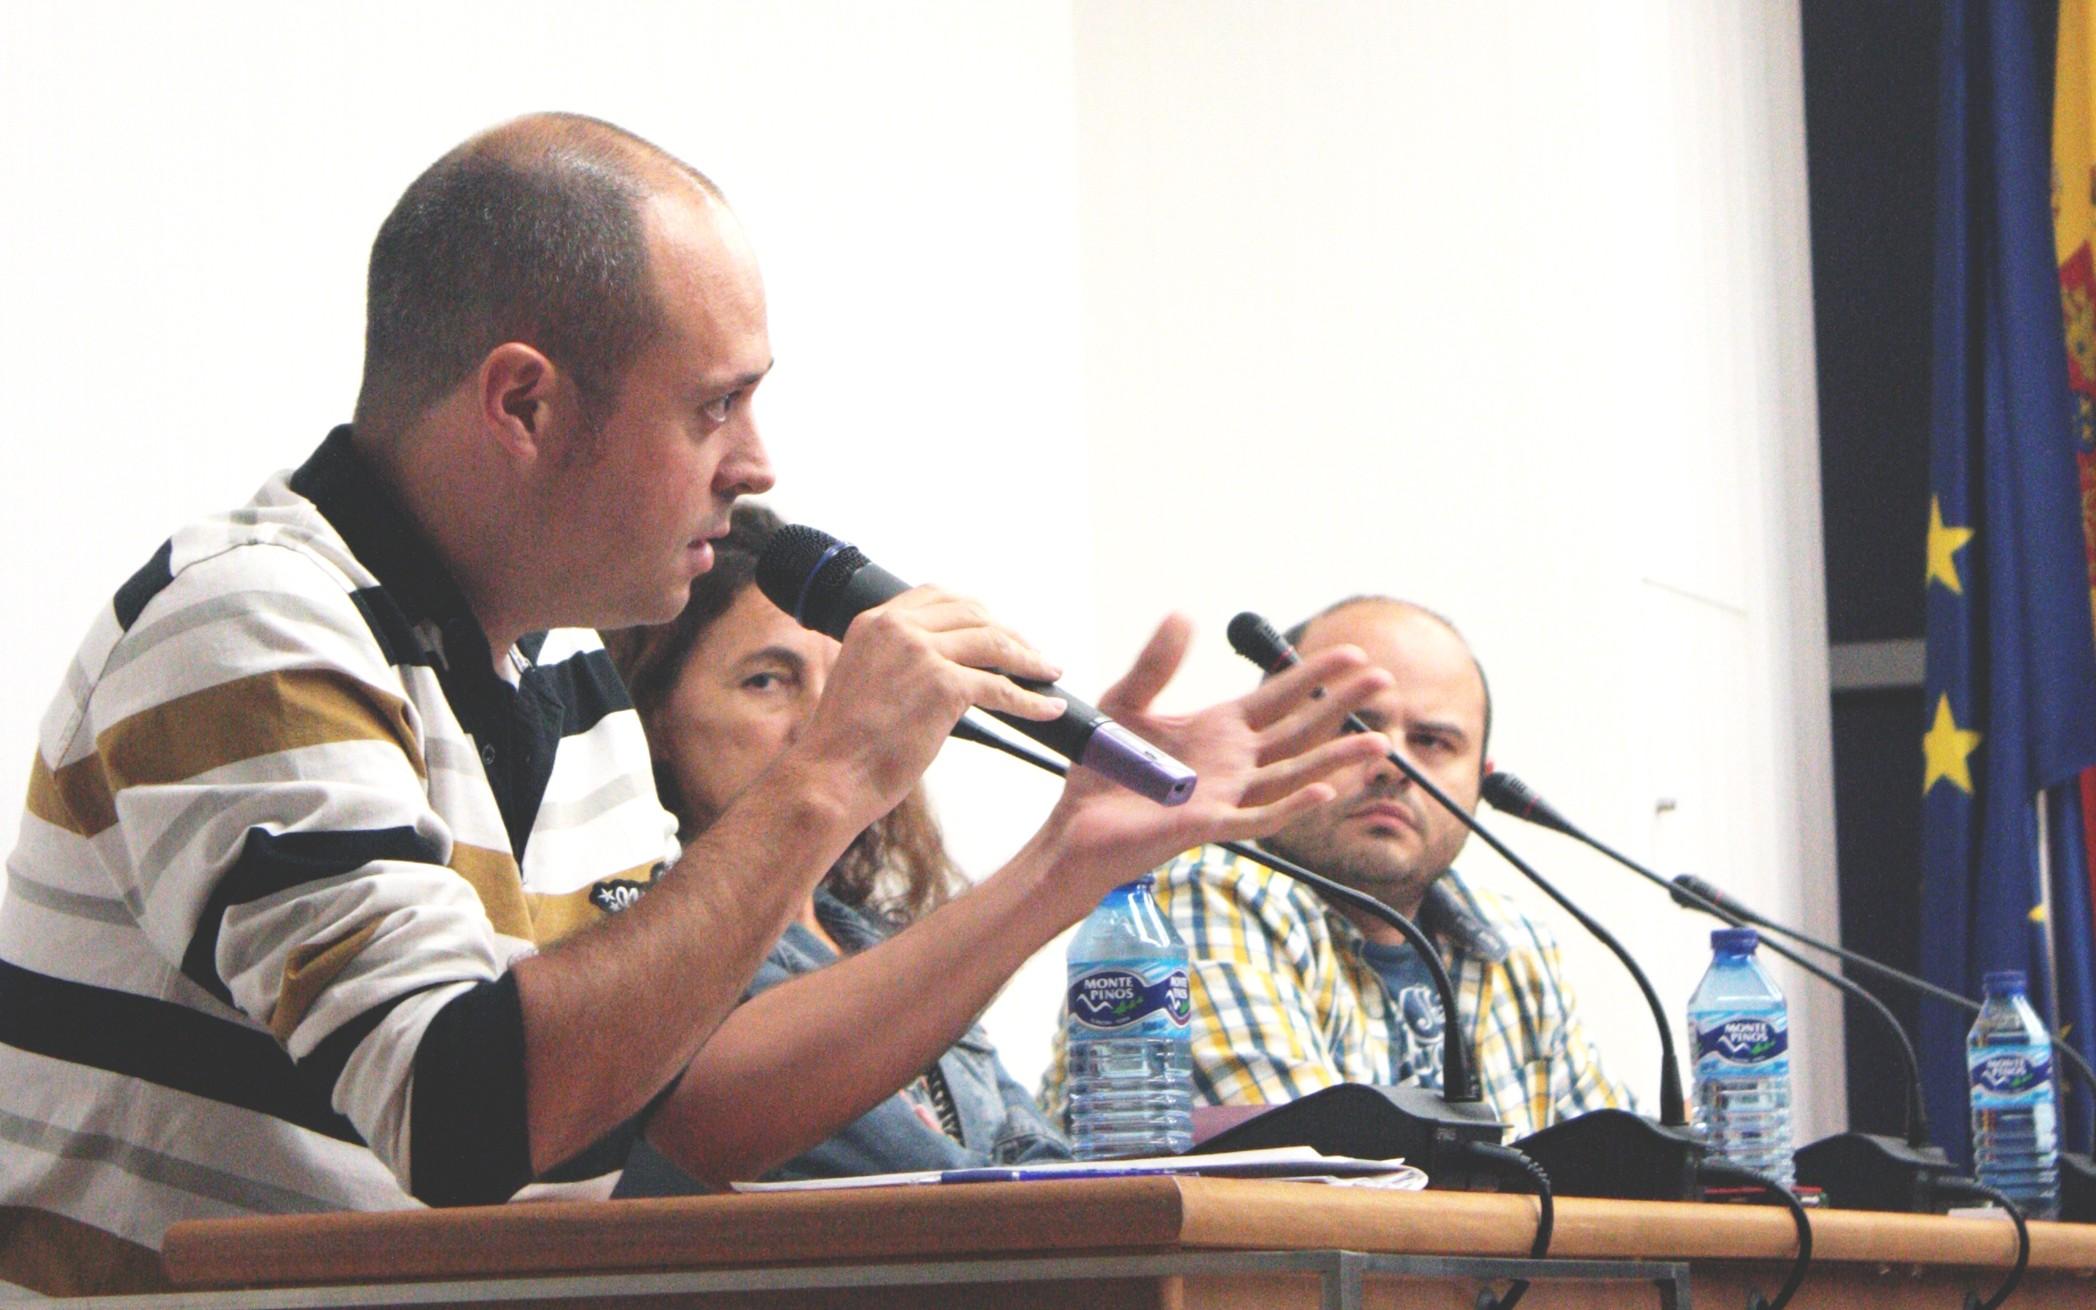 FOTO: Artur Hernàndez, portaveu del grup municipal (imatge d'arxiu).